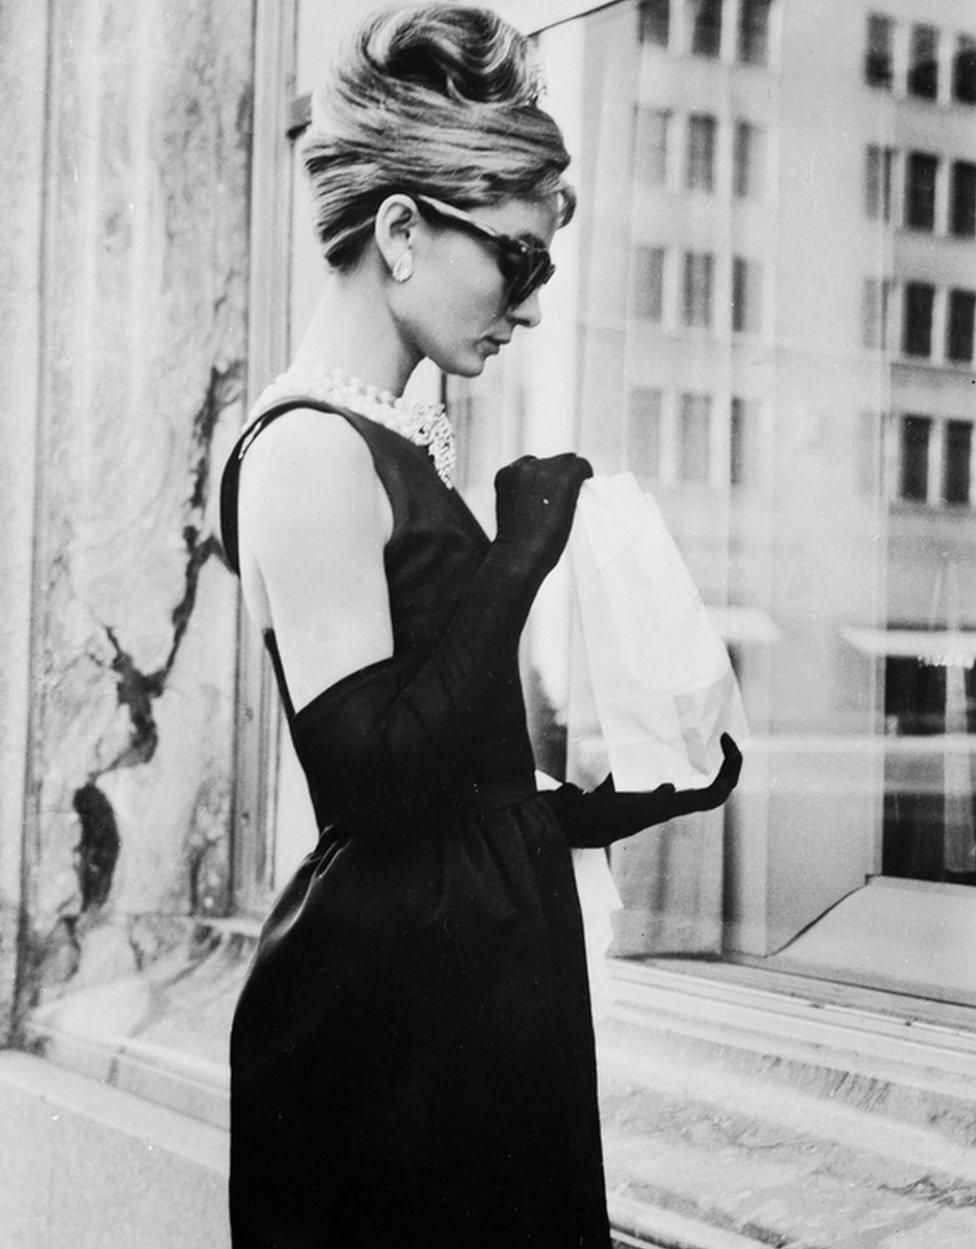 A diferencia de Audrey Hepburn, ahora los visitantes de la tienda pueden desayunar dentro de Tiffany.